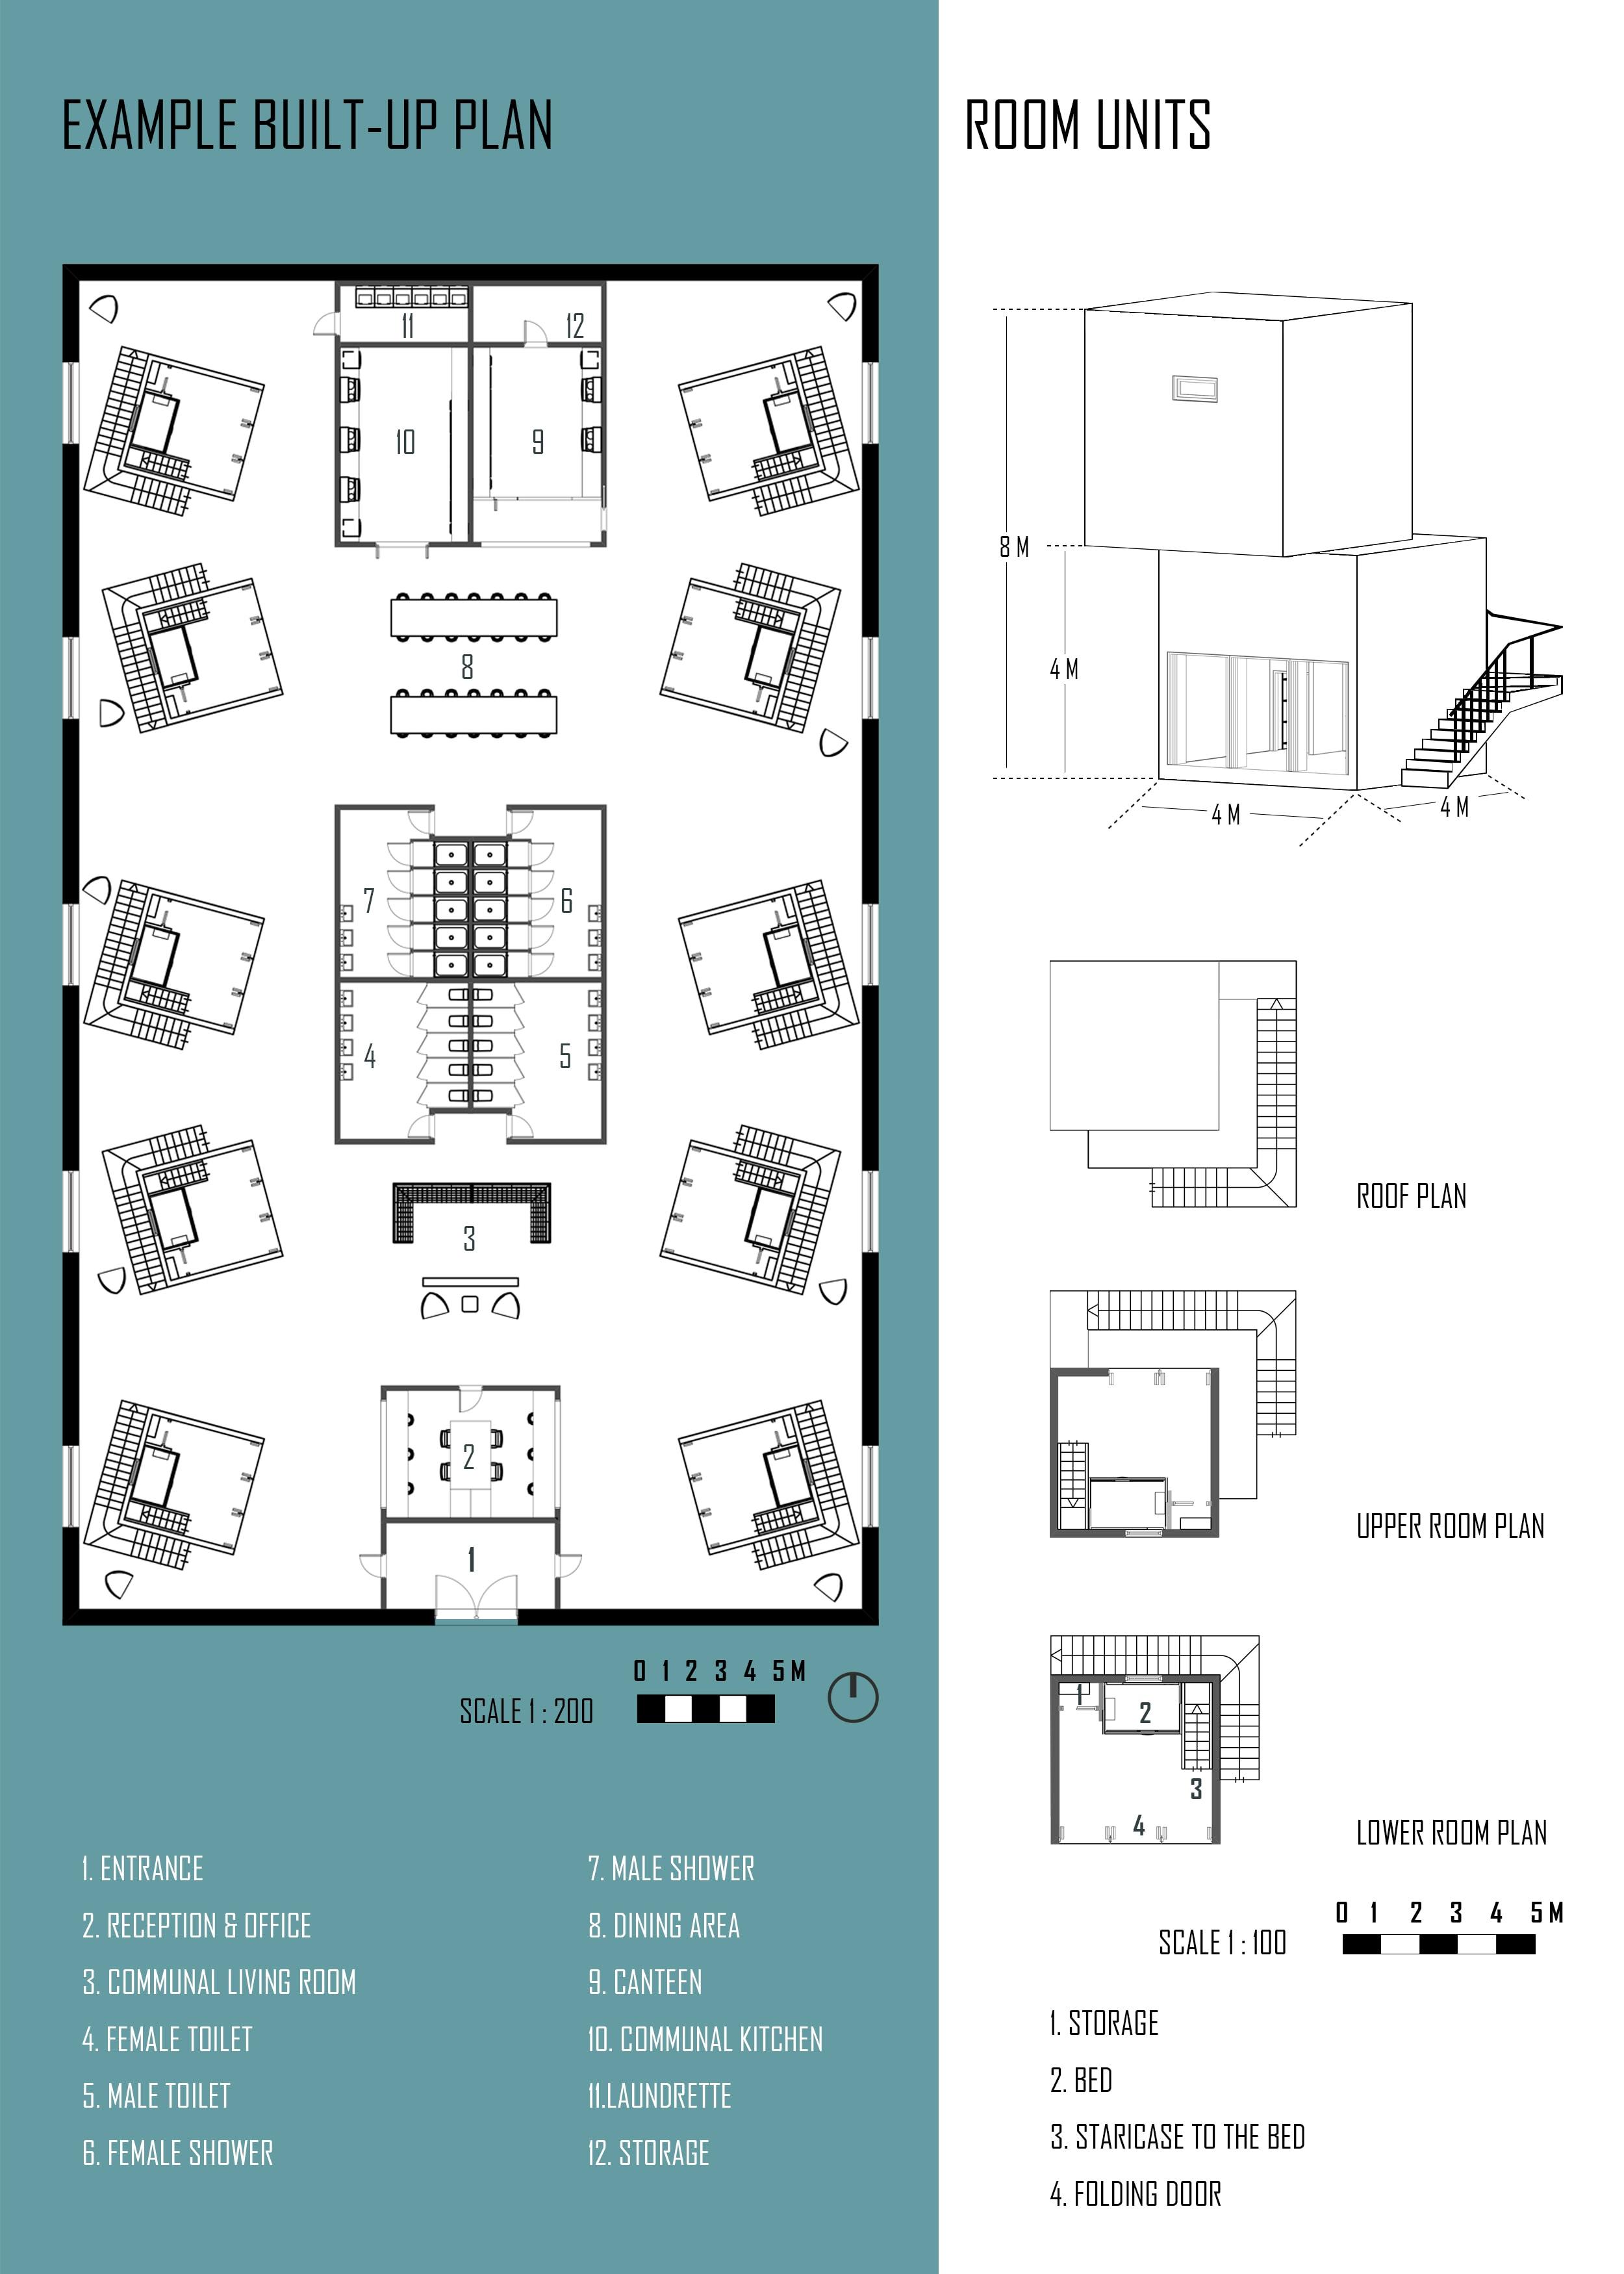 Crutchfield Stereo Wiring Diagram Emprendedorlink - Data Schema •